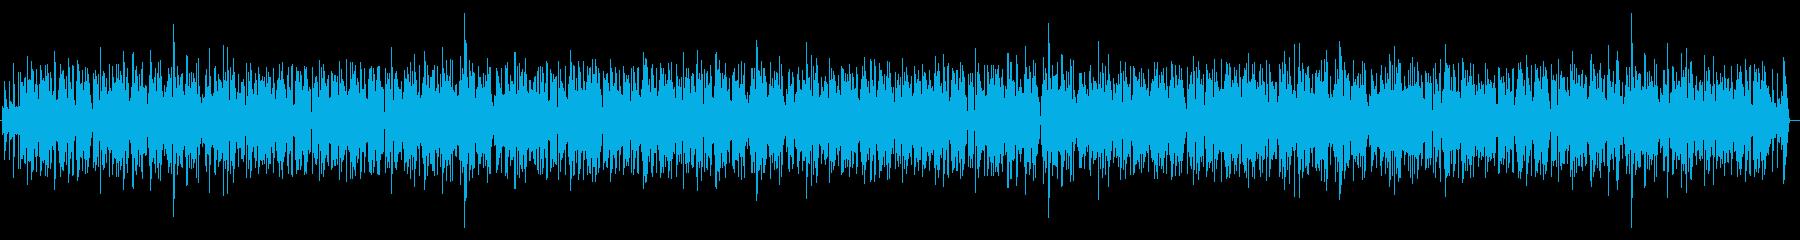 まったりとした感じのピアノBGMの再生済みの波形